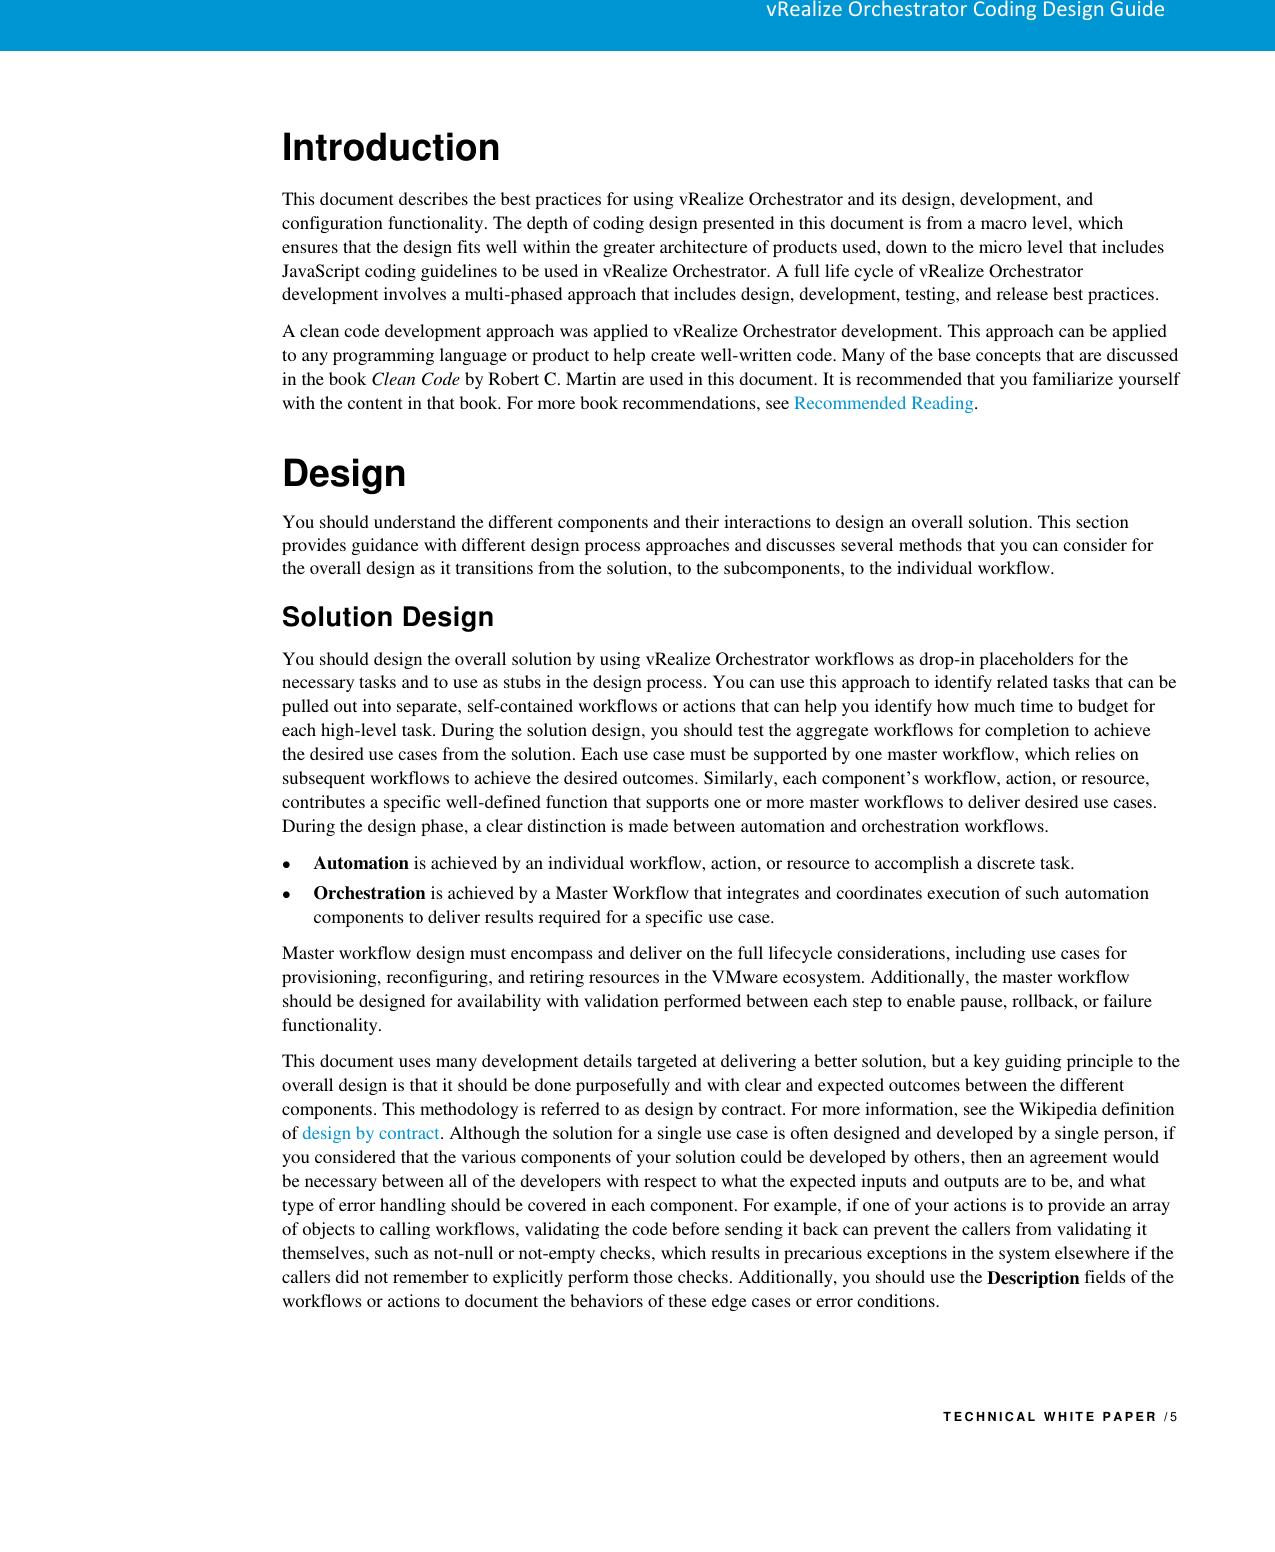 Vmware VRO Coding Design Guide V Realize Orchestrator